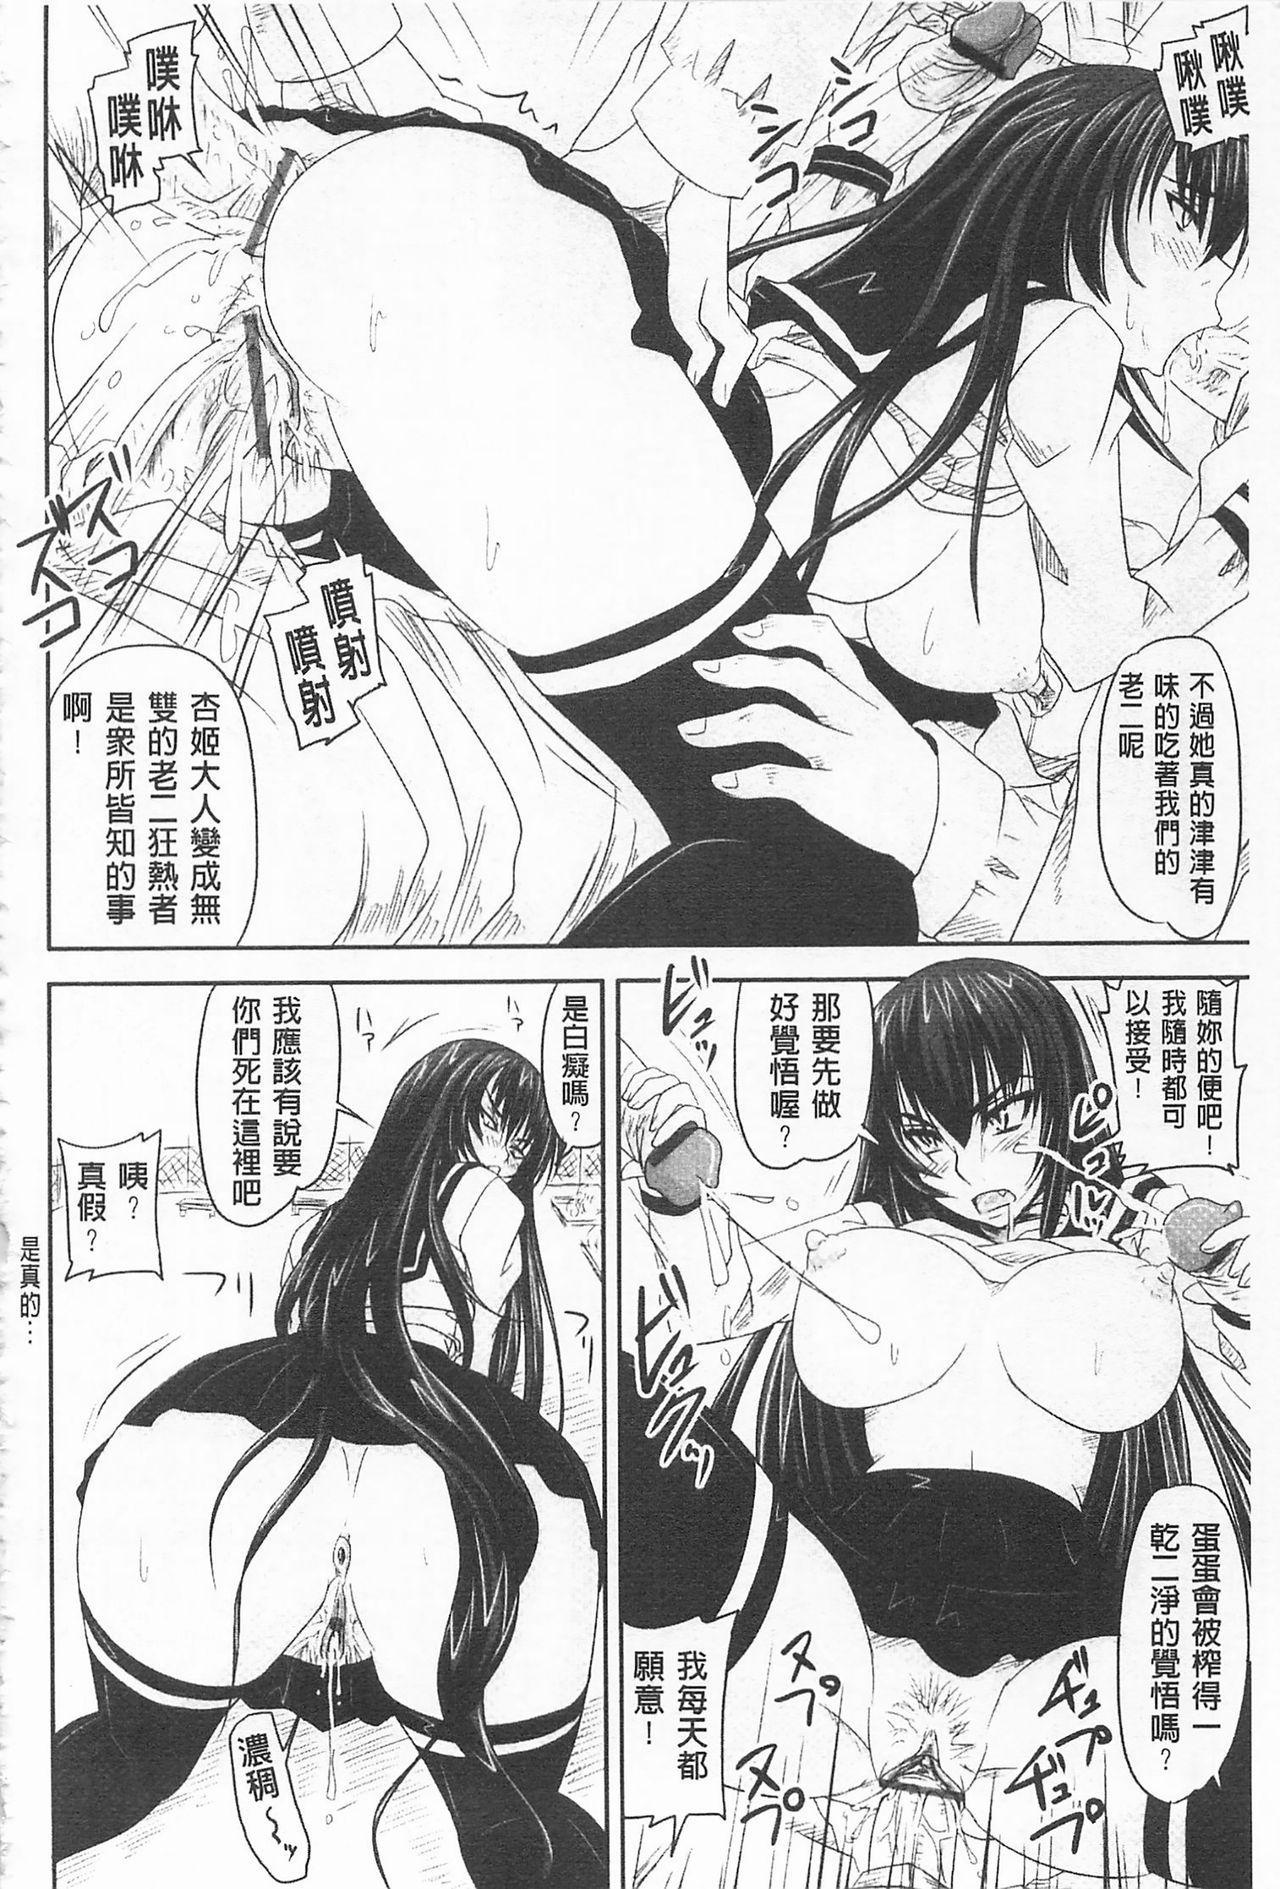 [Nozarashi Satoru] Do S na Hime wa Kegasareru -Inga no Shou- | 超S的公主被玷汙了 ~因果之章~ [Chinese] 200